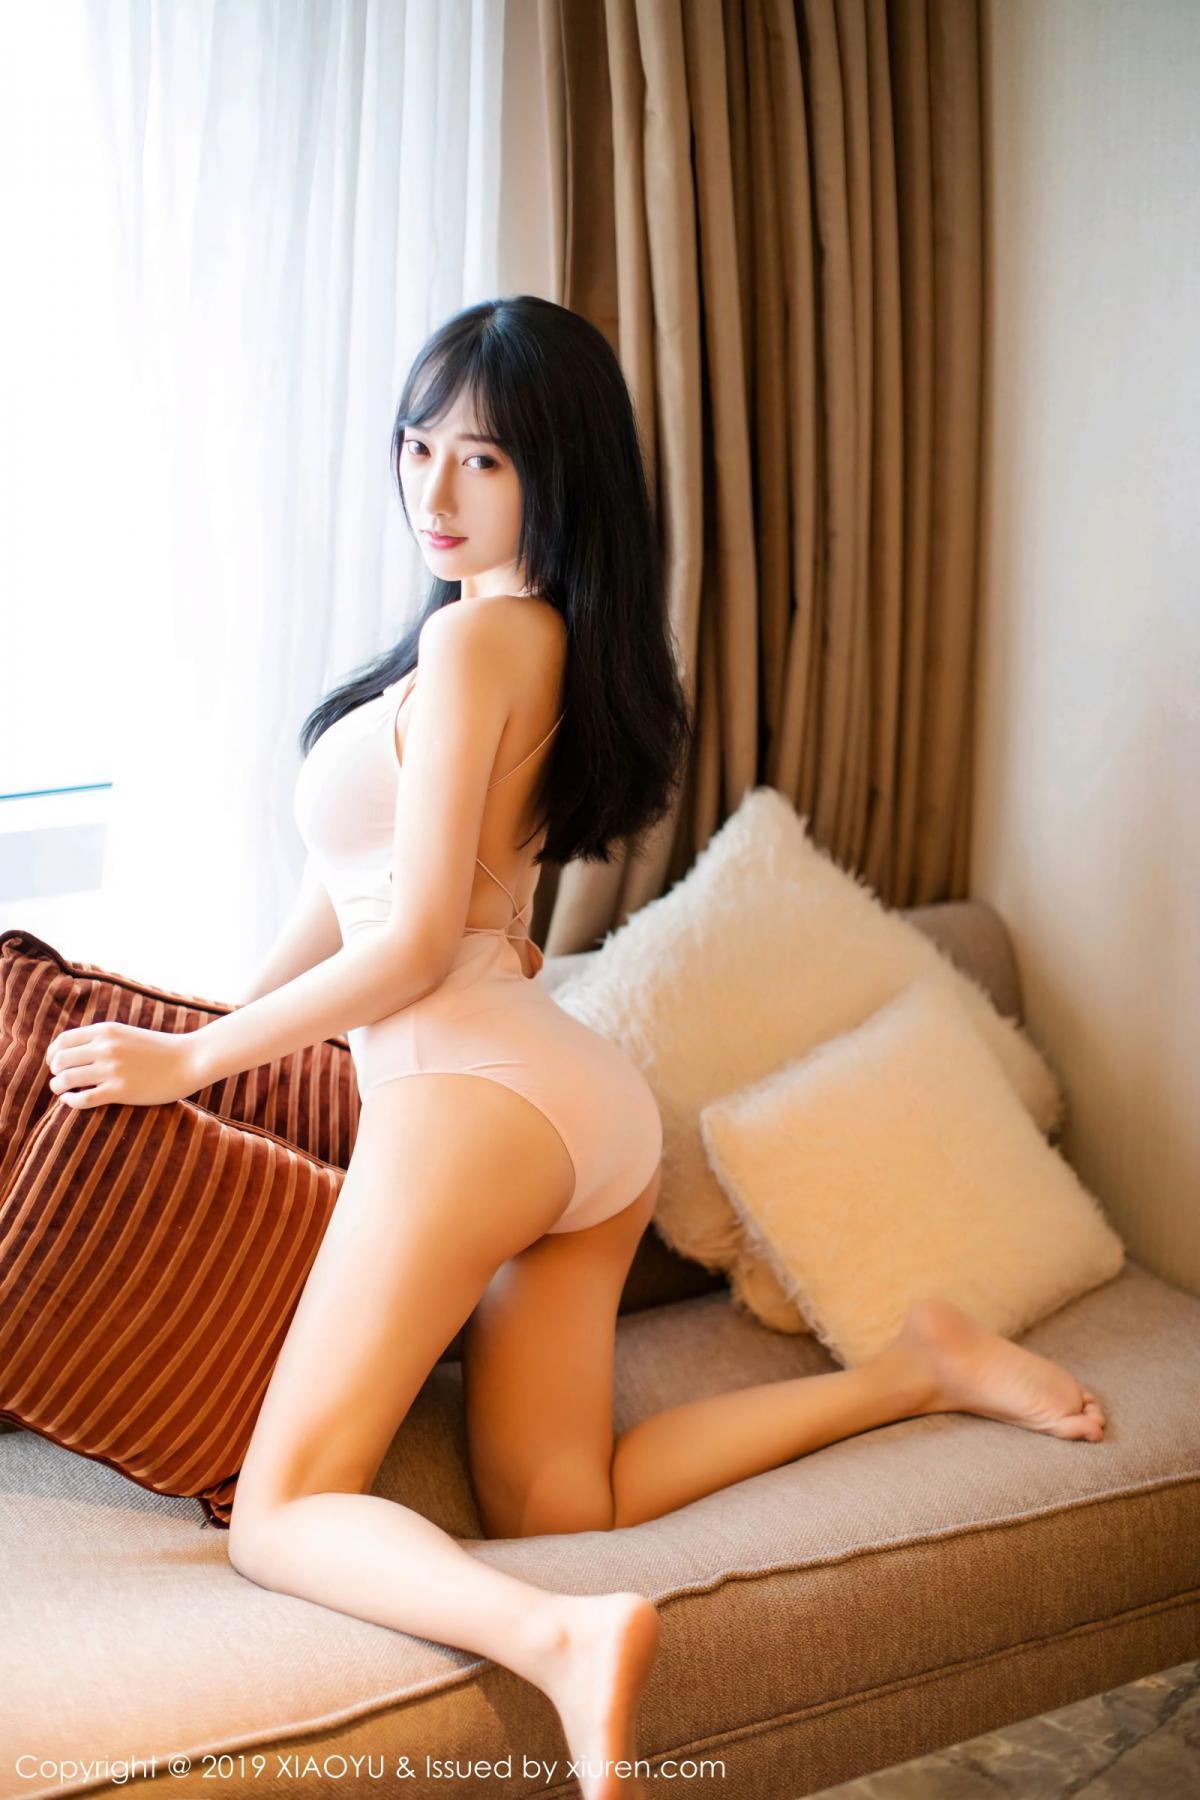 [XiaoYu] Vol.097 He Jia Ying 11P, He Jia Ying, Tall, XiaoYu